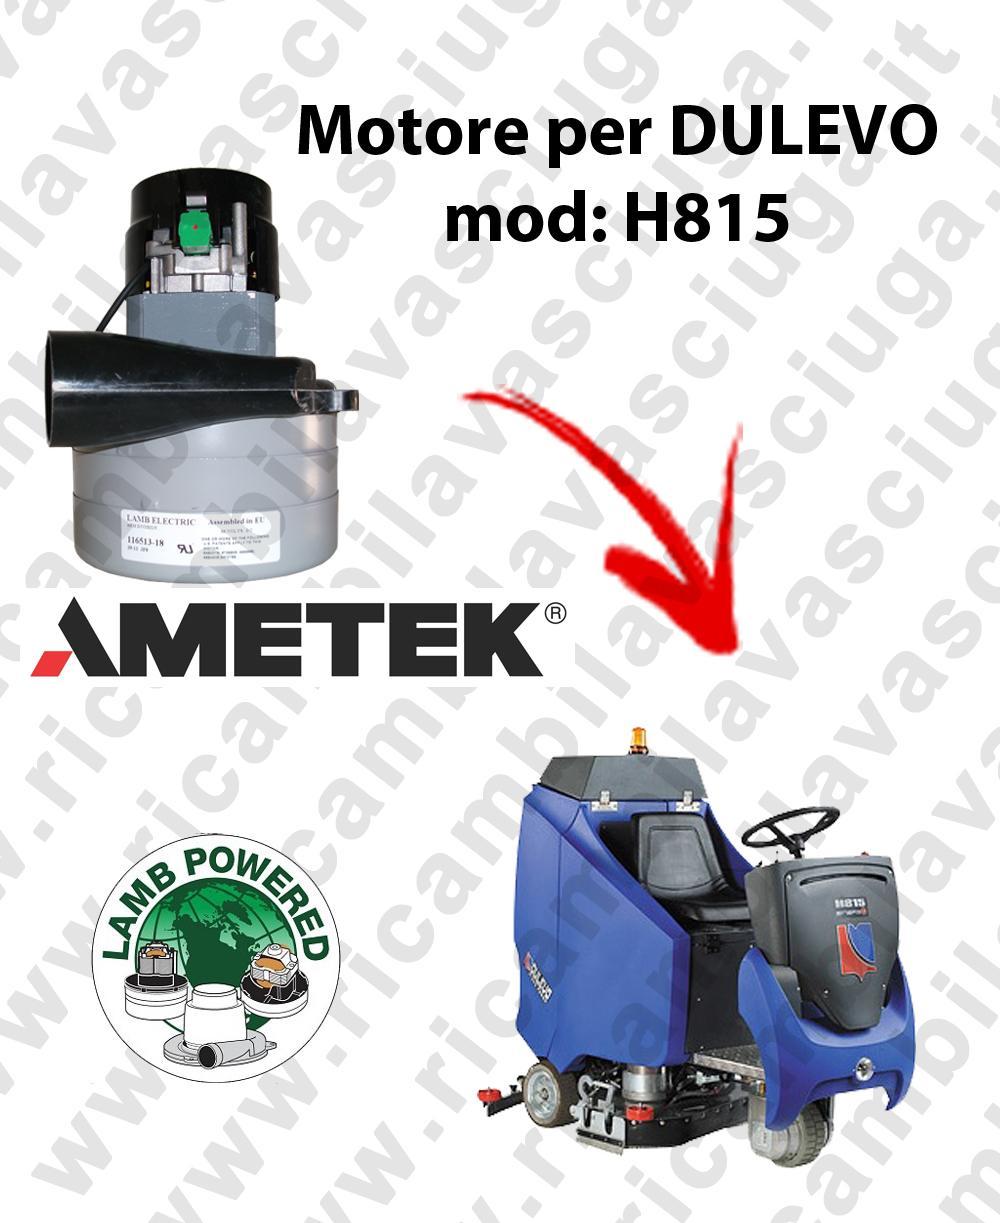 H815 MOTEUR ASPIRATION LAMB AMATEK pour autolaveuses DULEVO